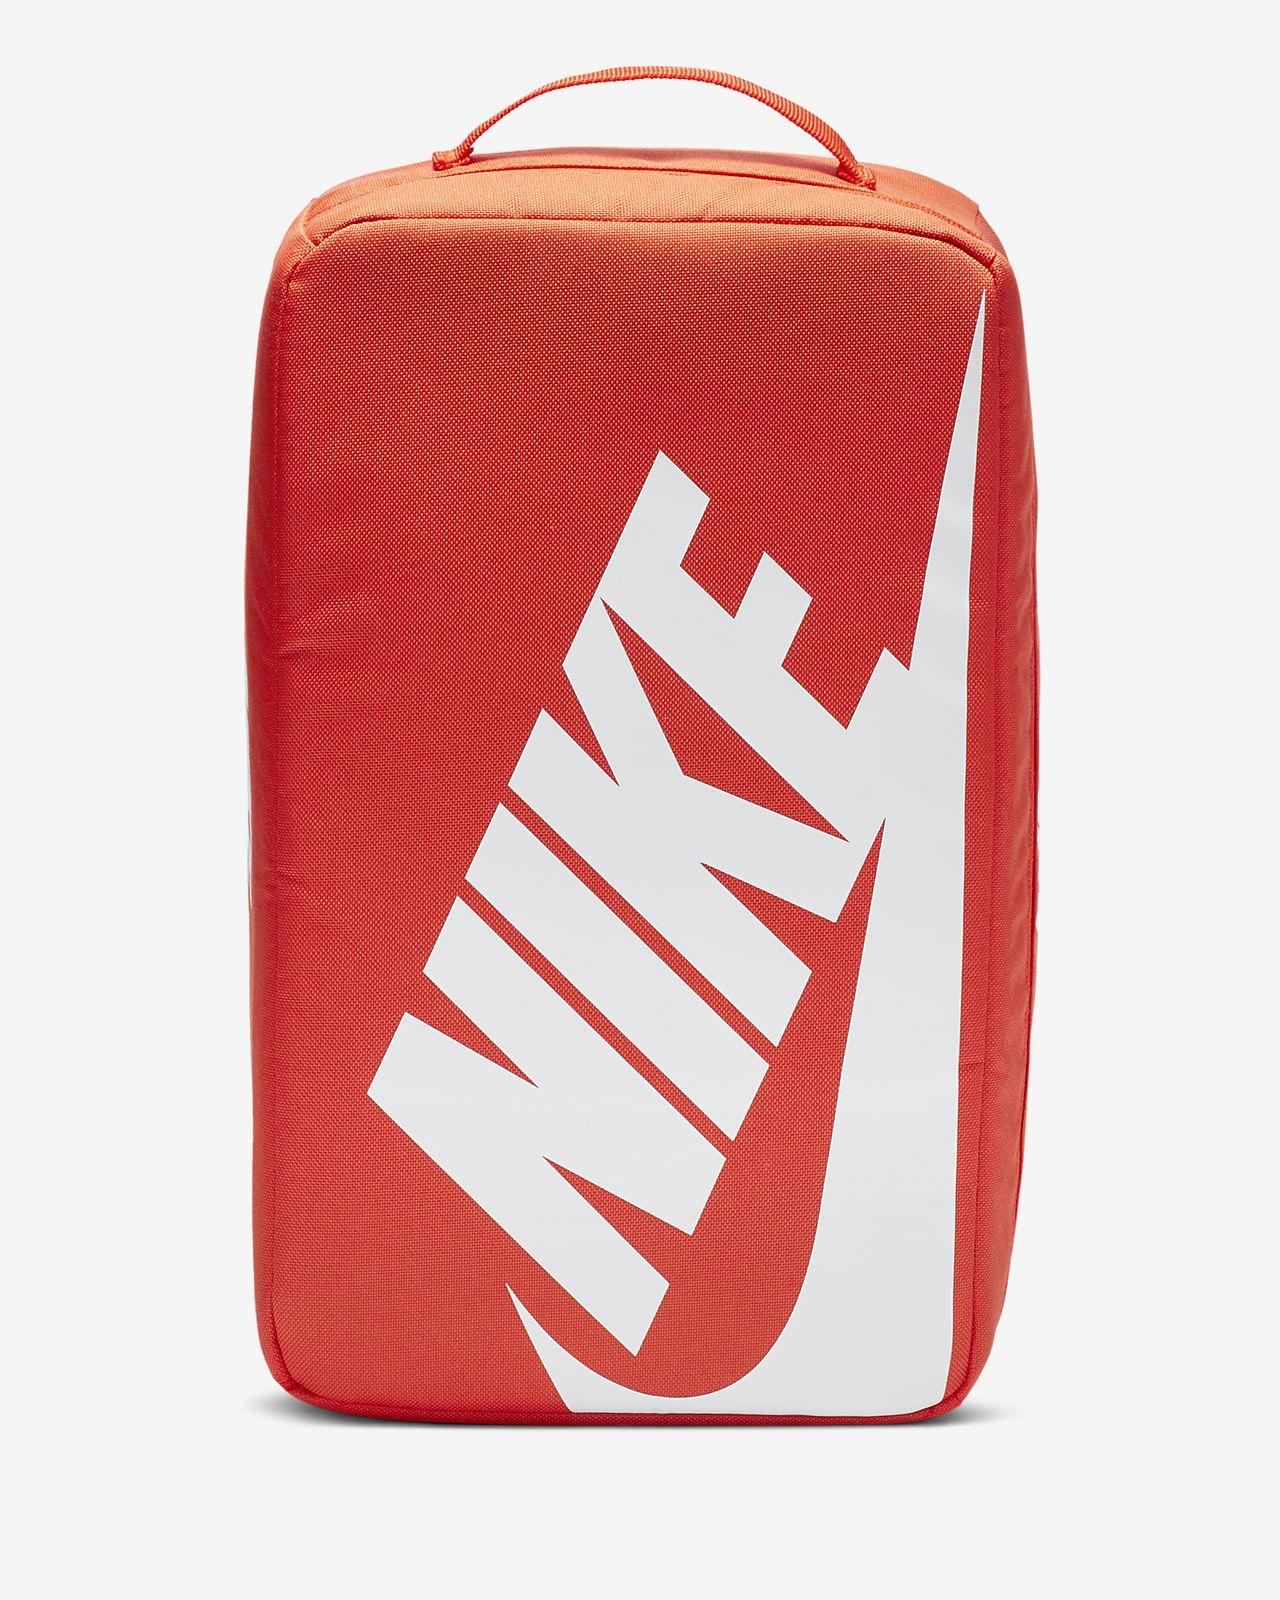 Nike Shoebox 包款